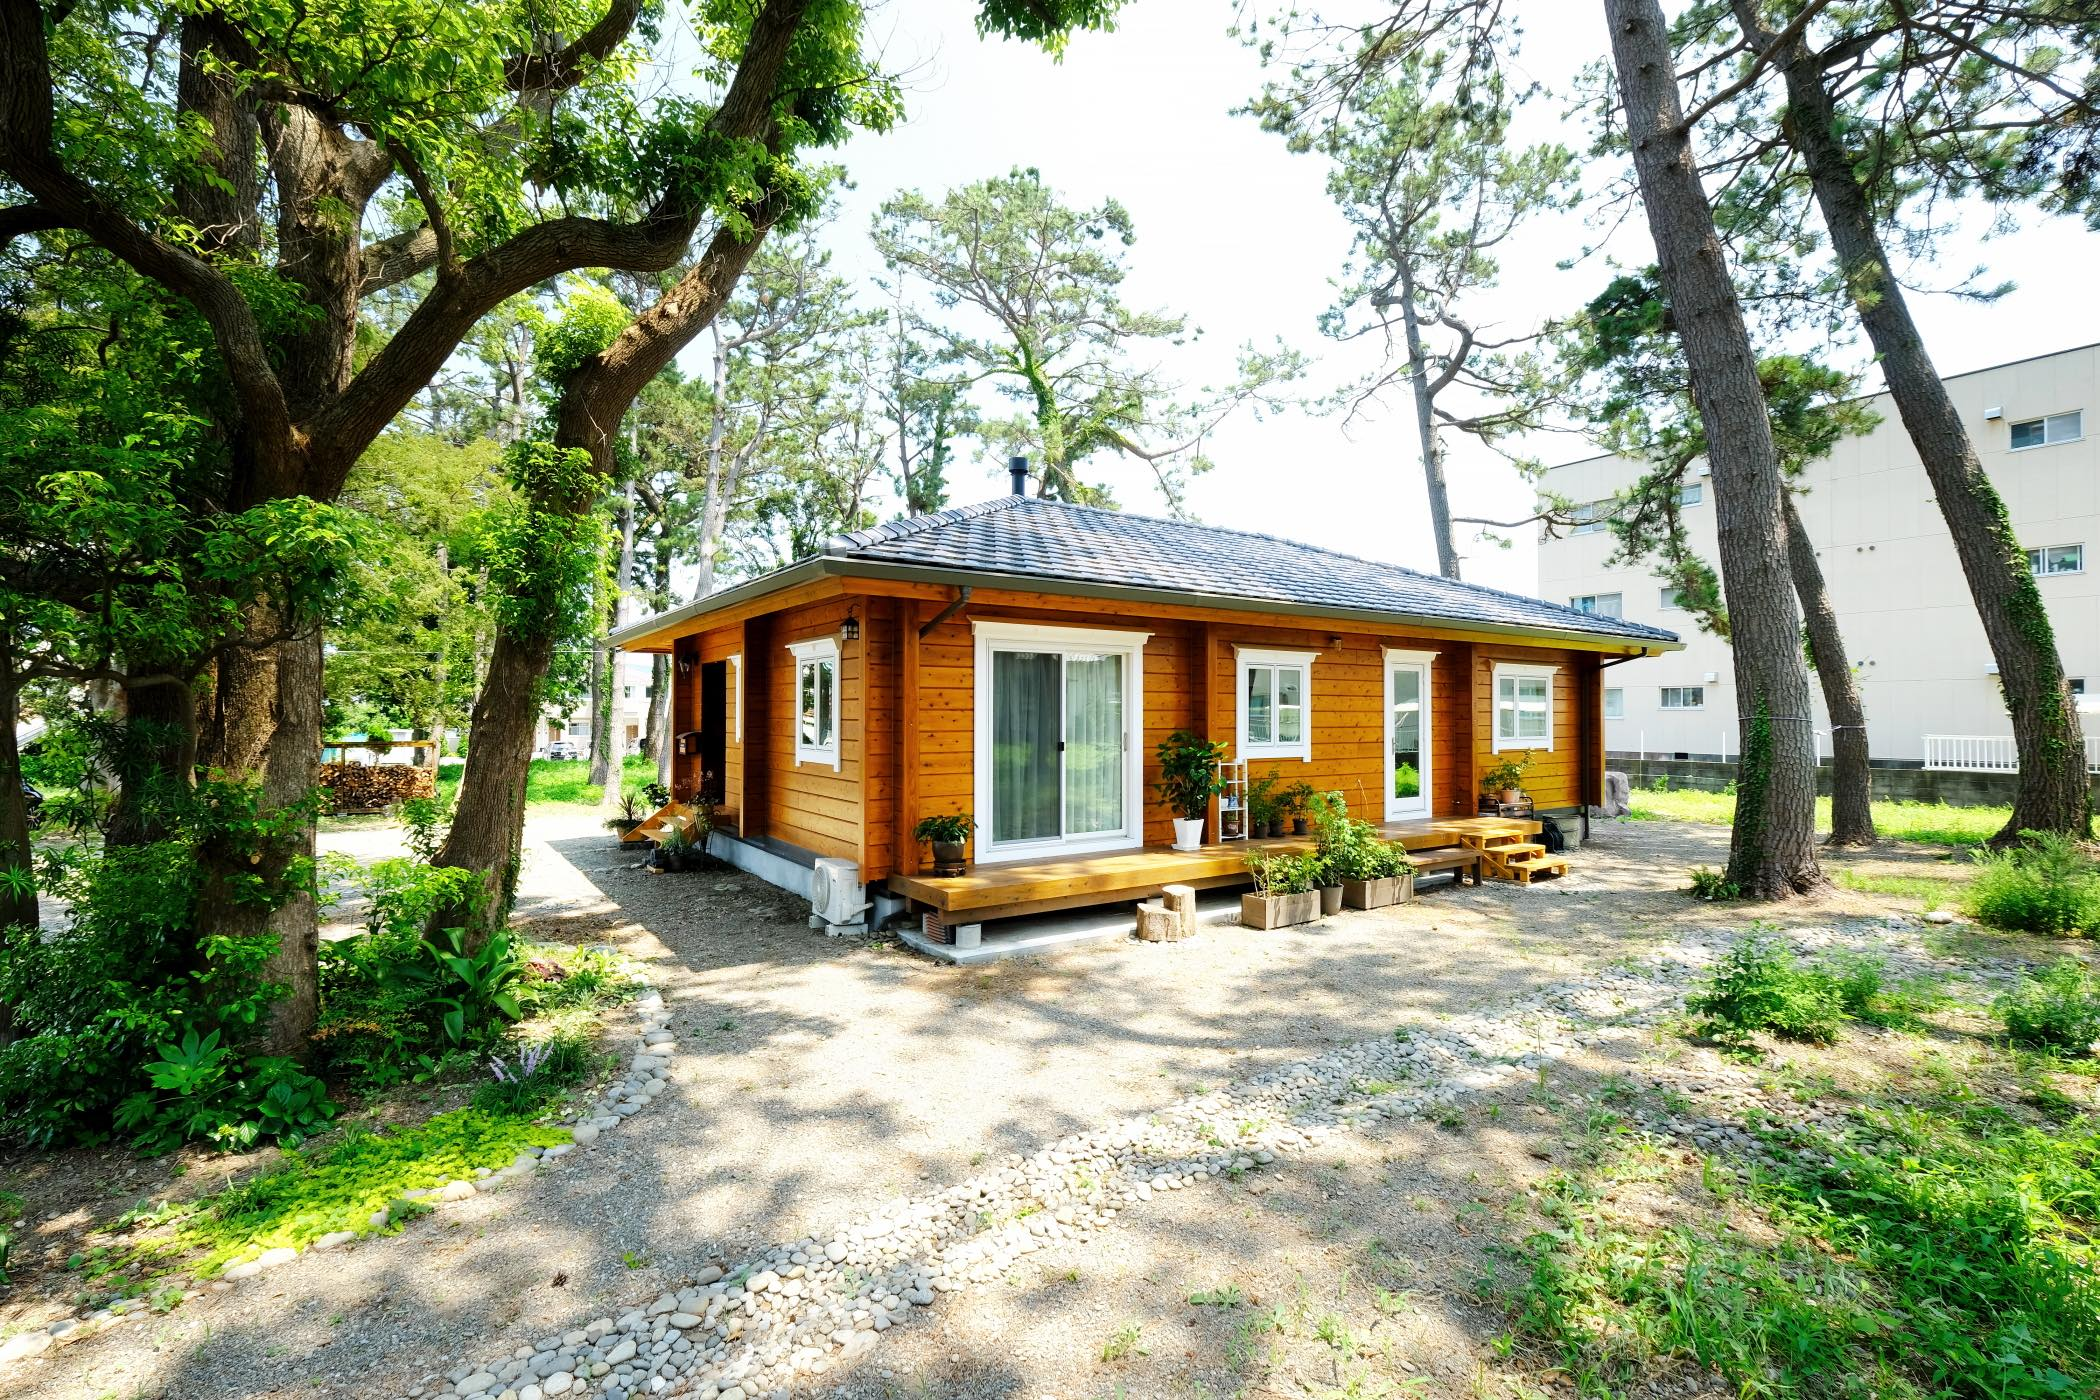 บ้านไม้สไตล์ญี่ปุ่น เหมาะกับวัยเกษียณ เพลิดเพลินกับการใช้ชีวิตในชนบท